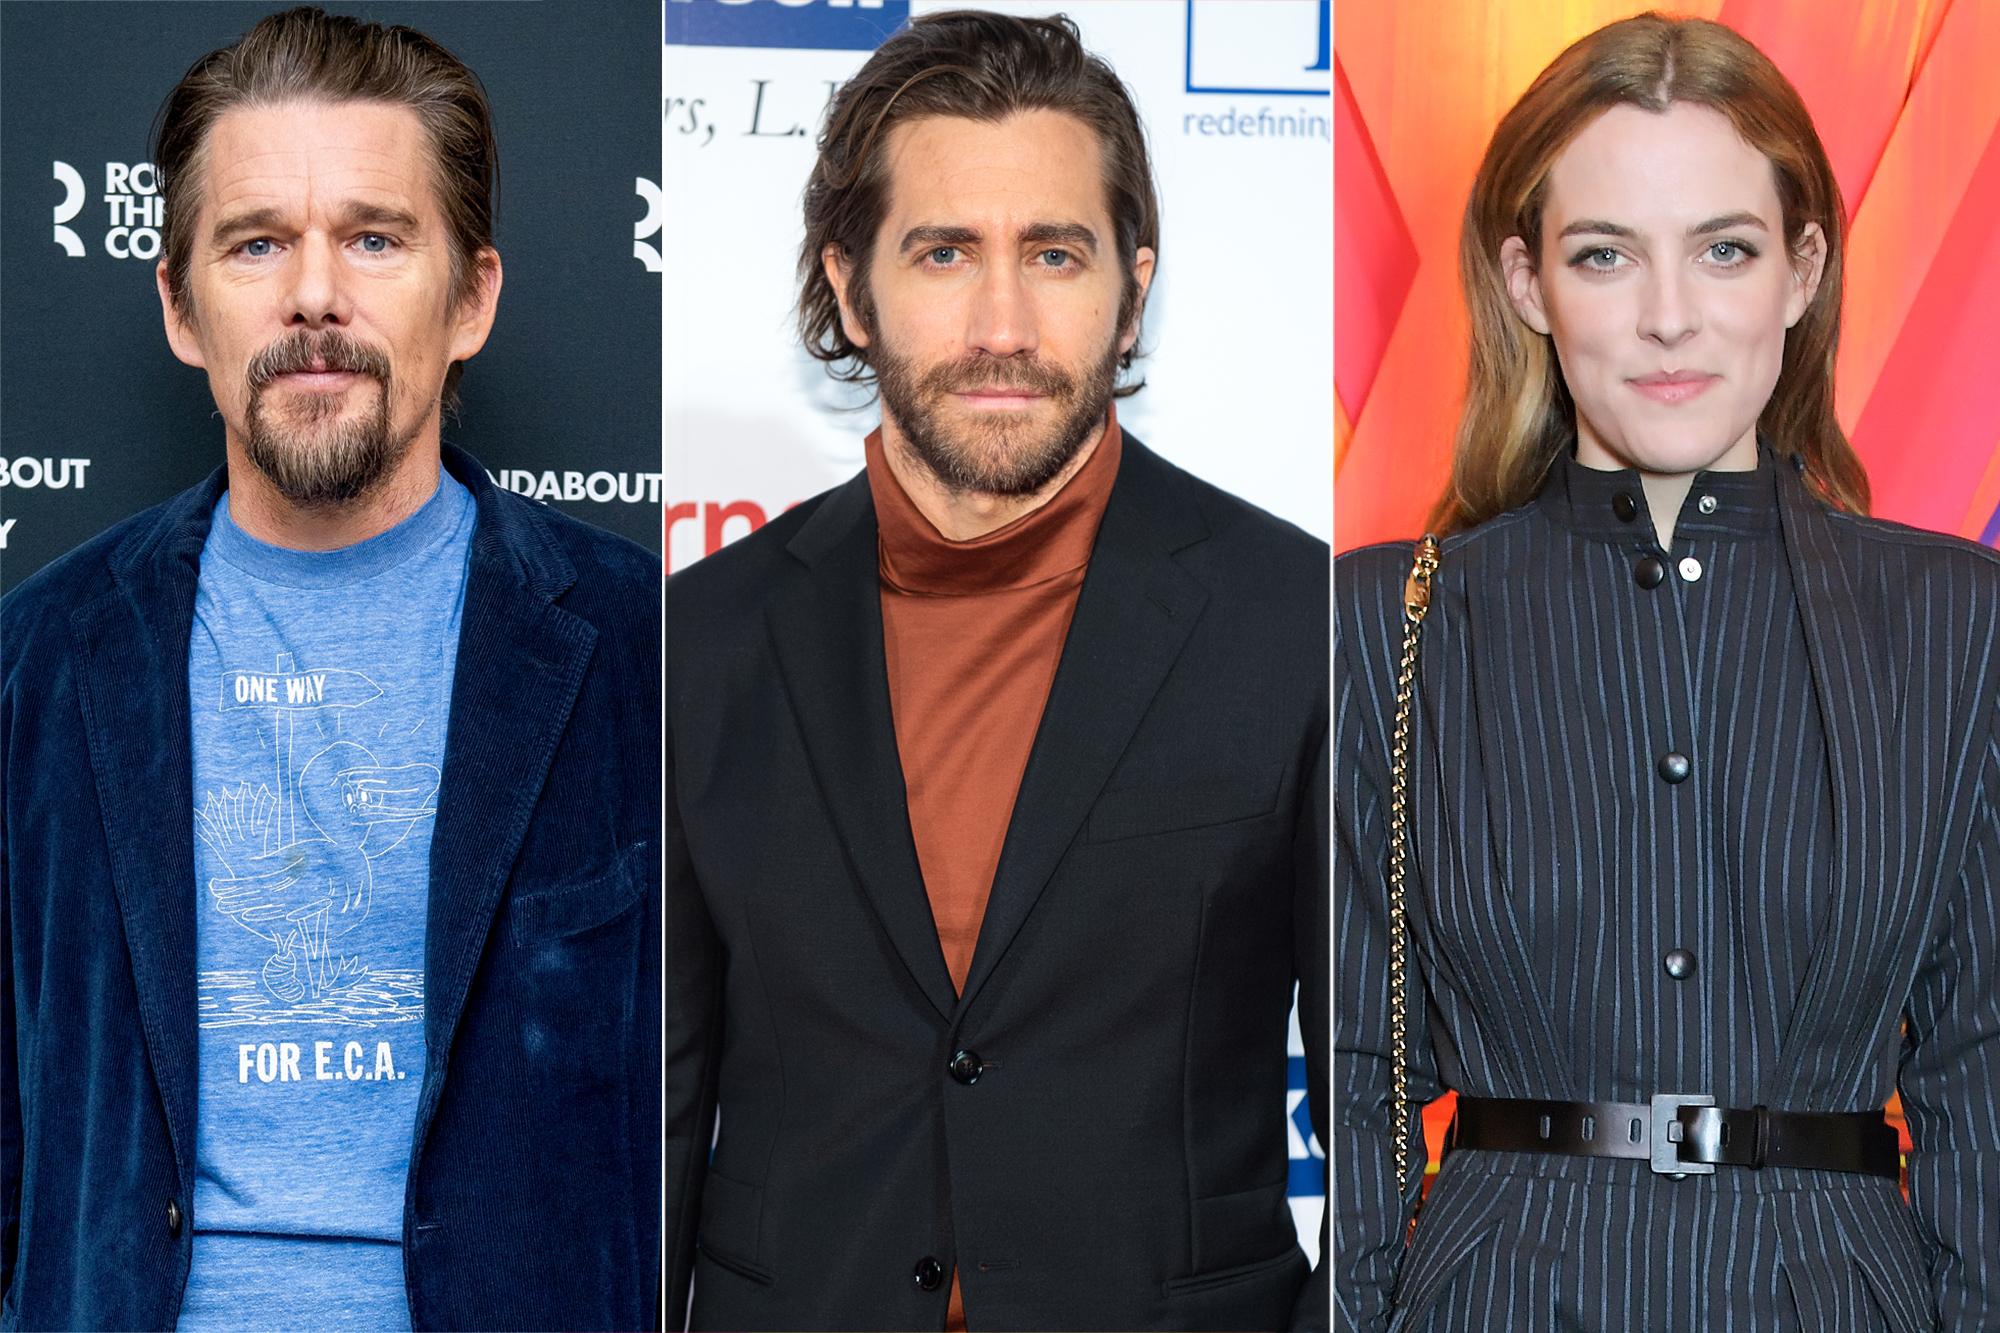 Ethan Hawk, Jake Gyllenhaal, Riley Keough